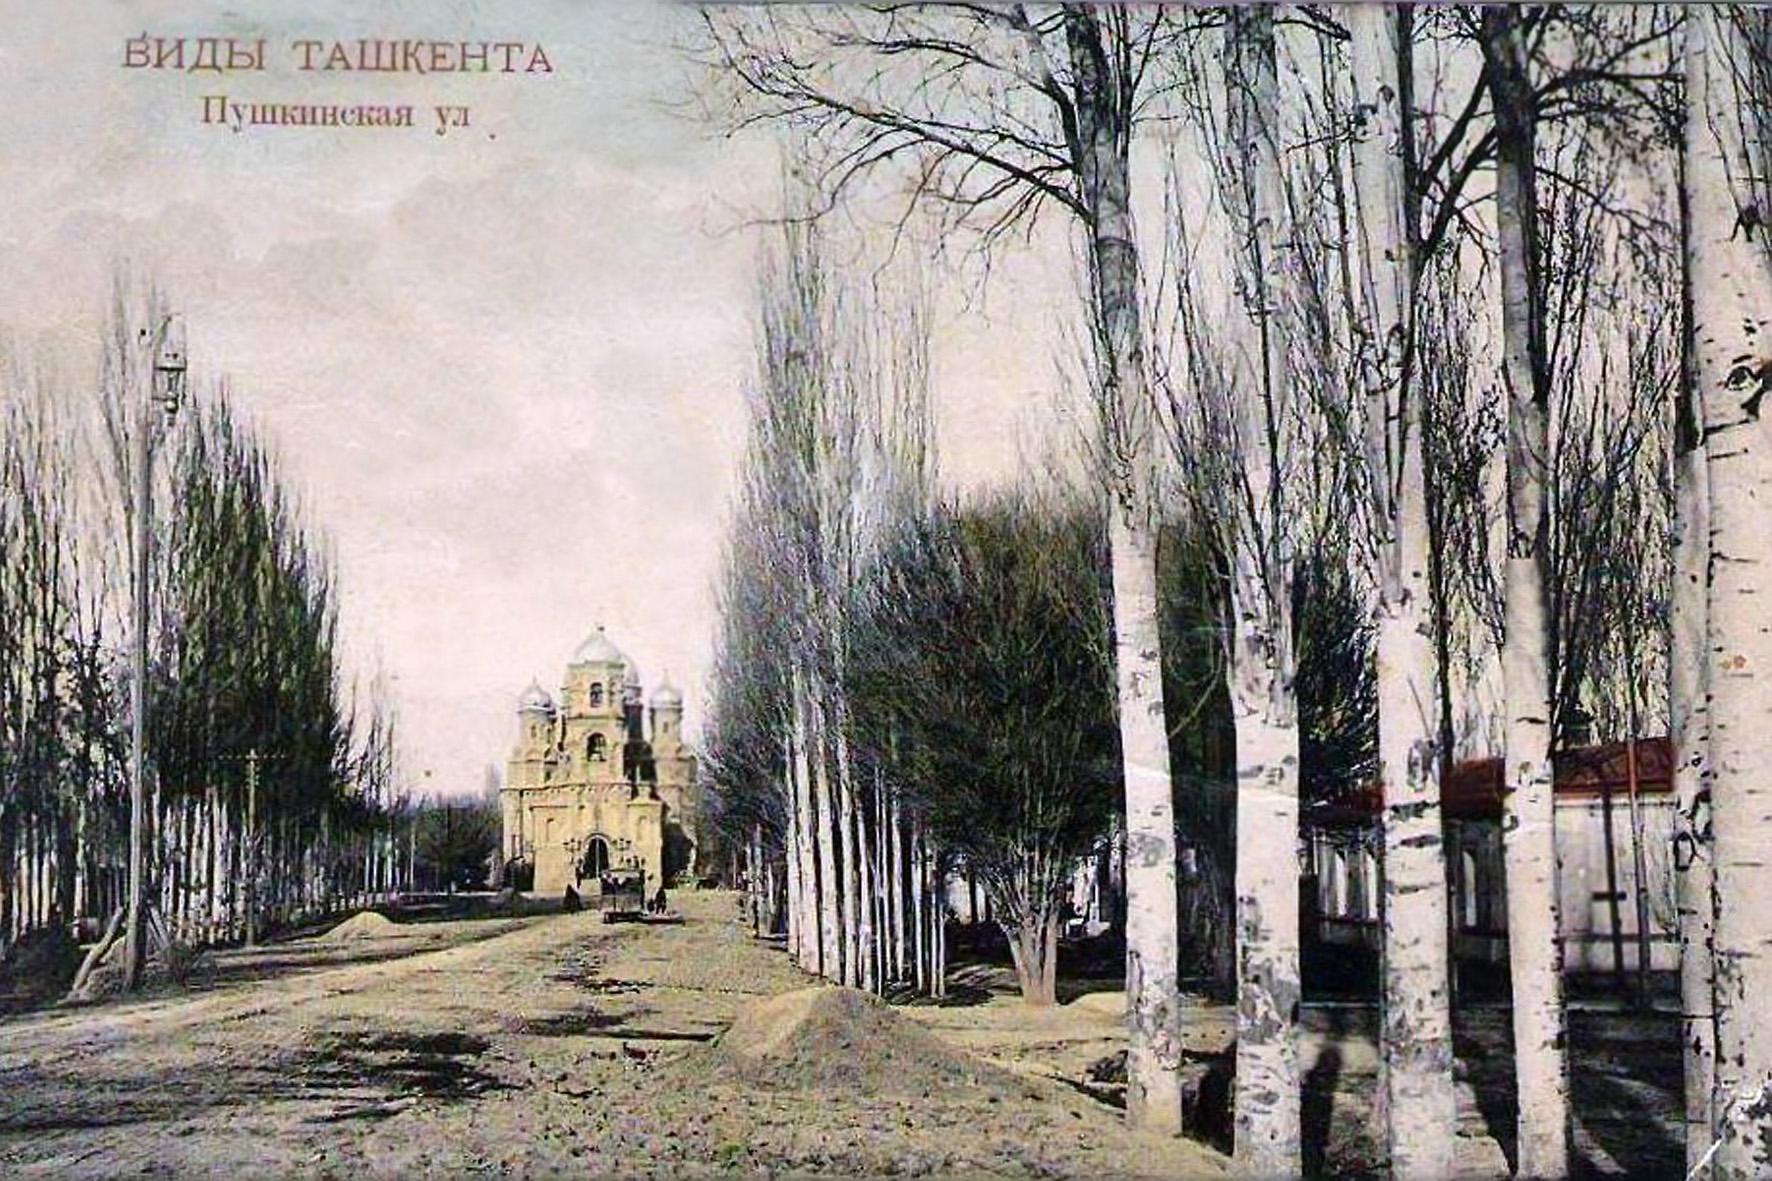 Пушкинская улица. Церковь Сергия Радонежского